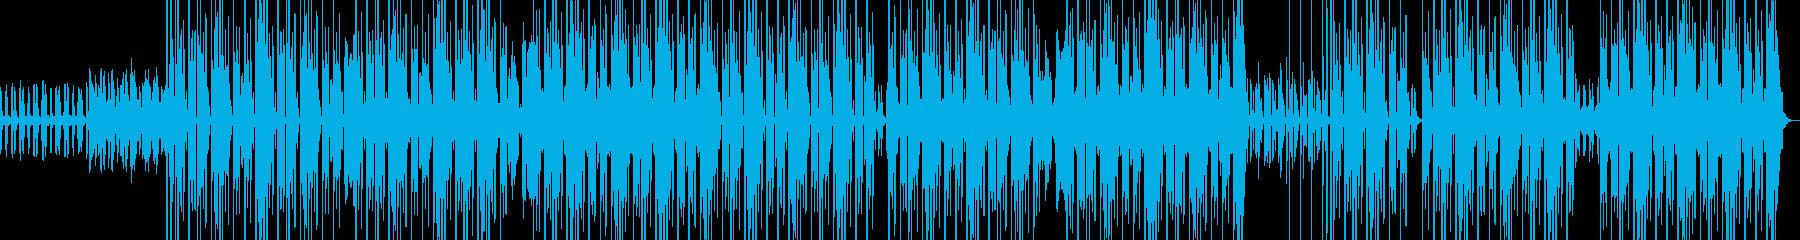 【808】ダークで、ディープな一曲の再生済みの波形